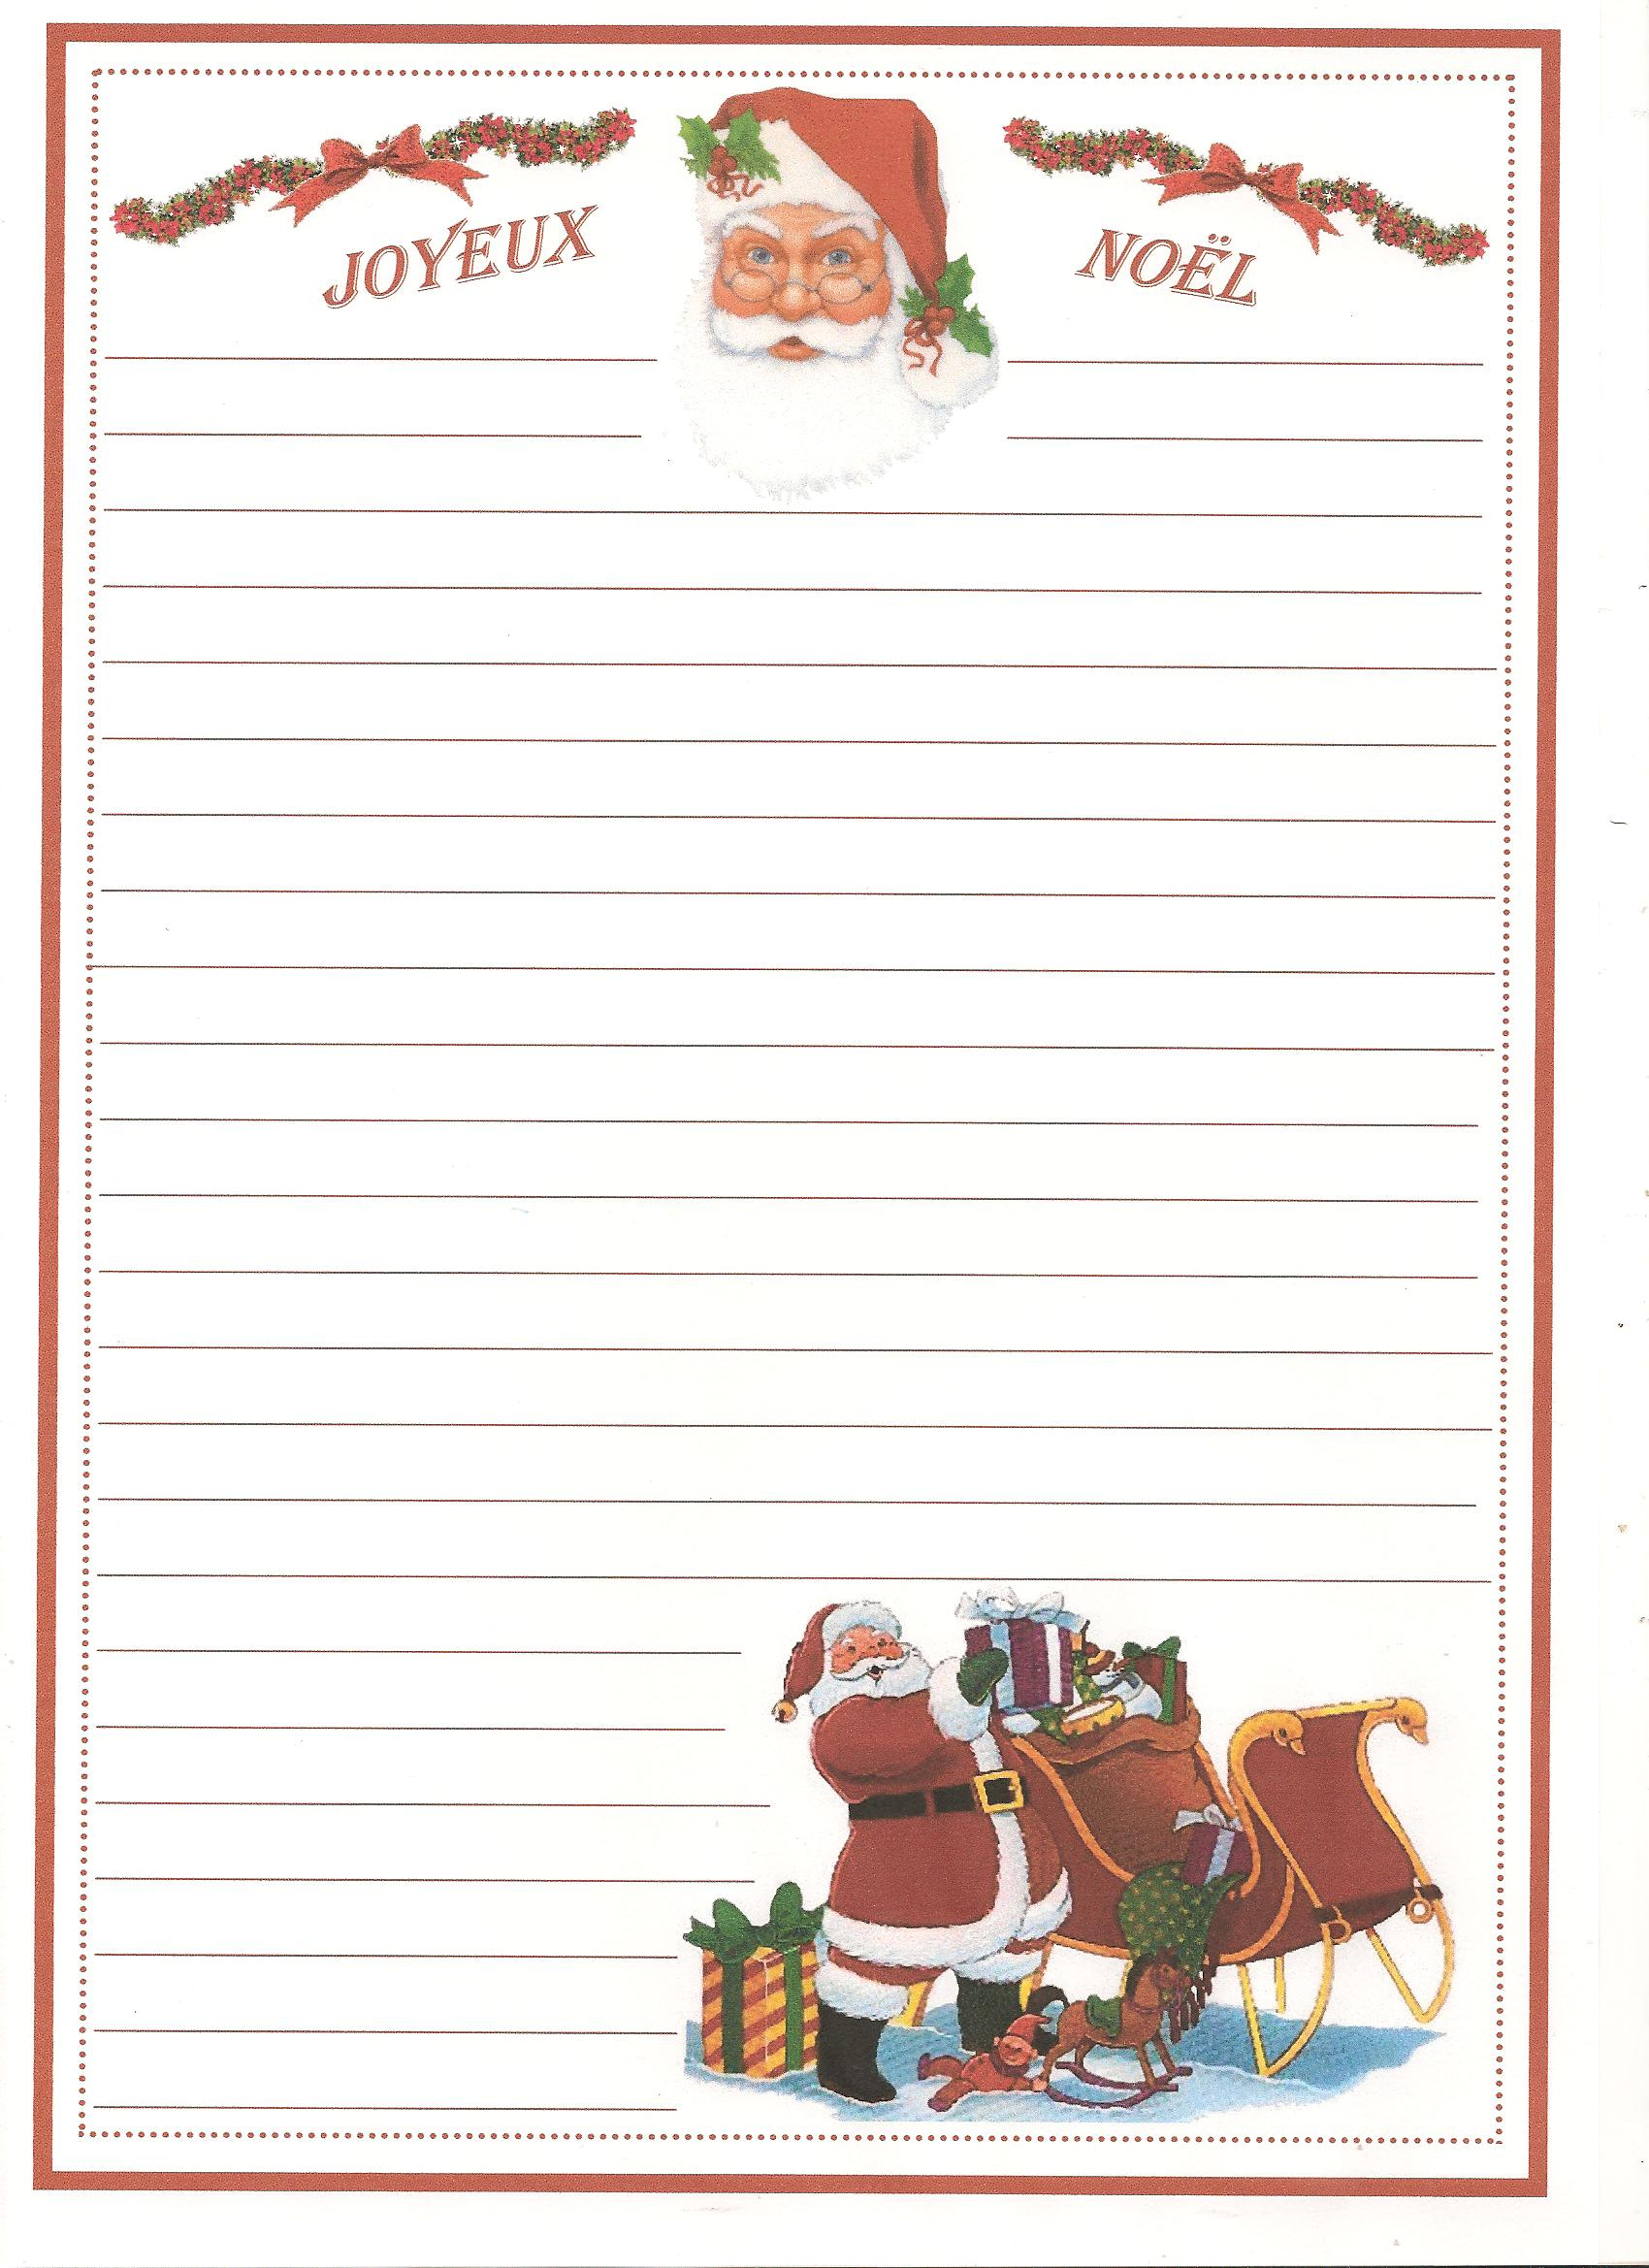 Cantique Noel Antillais Pdf - Holynohsa avec Papier Lettre De Noel